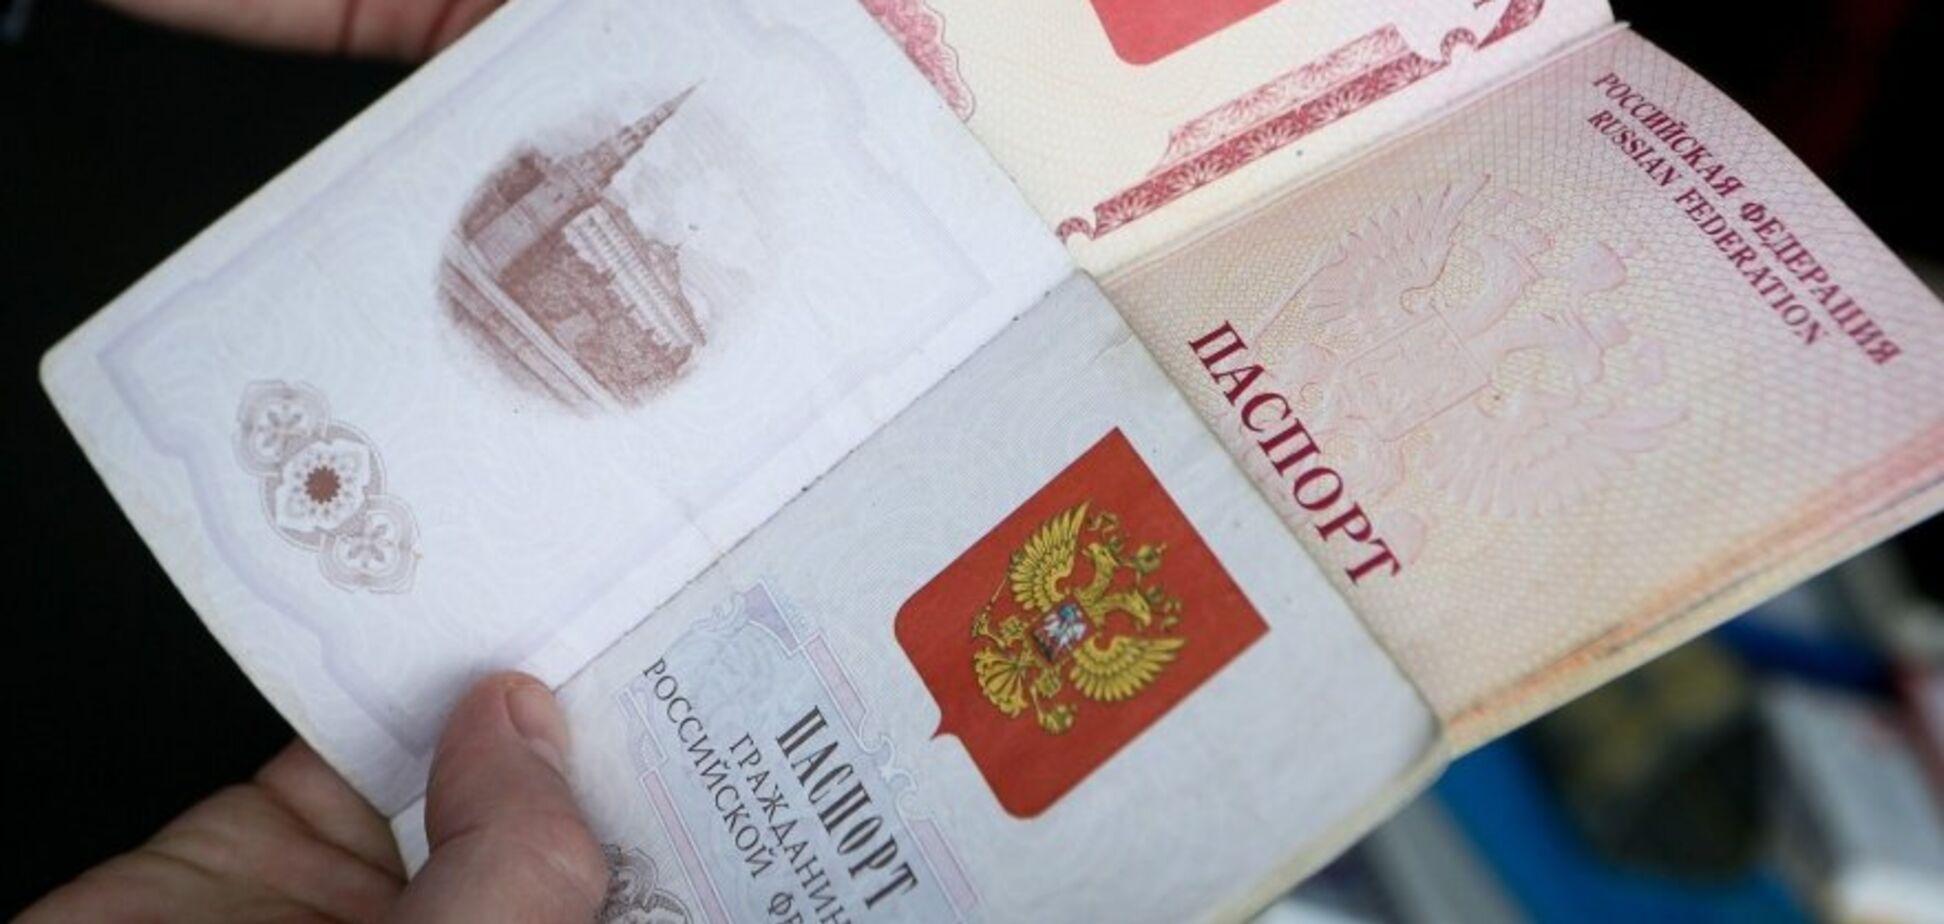 'Они не граждане Украины!' В Раде приготовили жесткий ответ на паспорта РФ в ОРДЛО